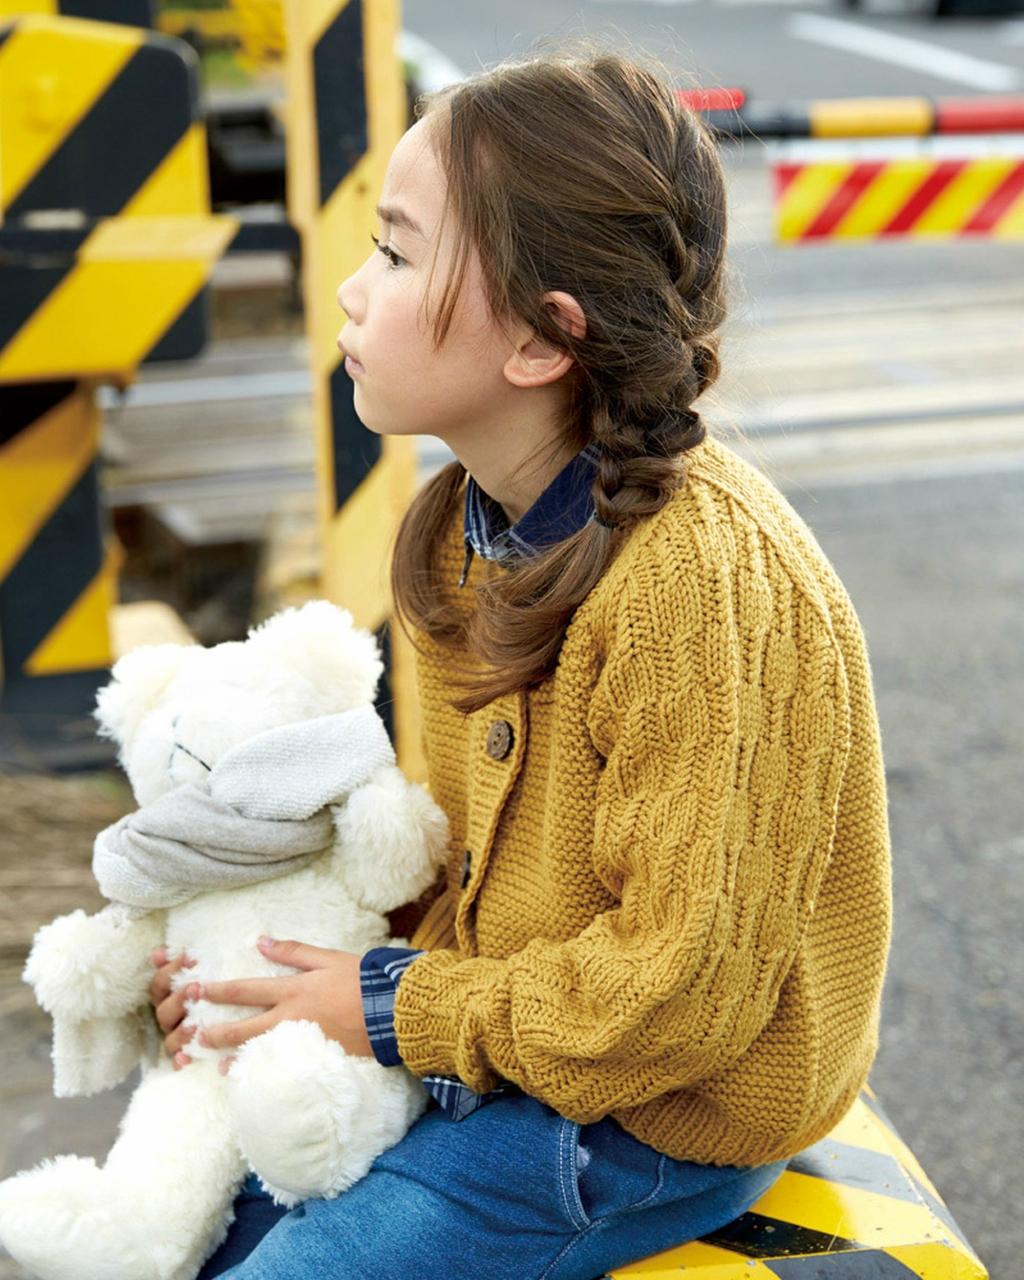 2016年12月09日 - 编织幸福 - 编织幸福的博客